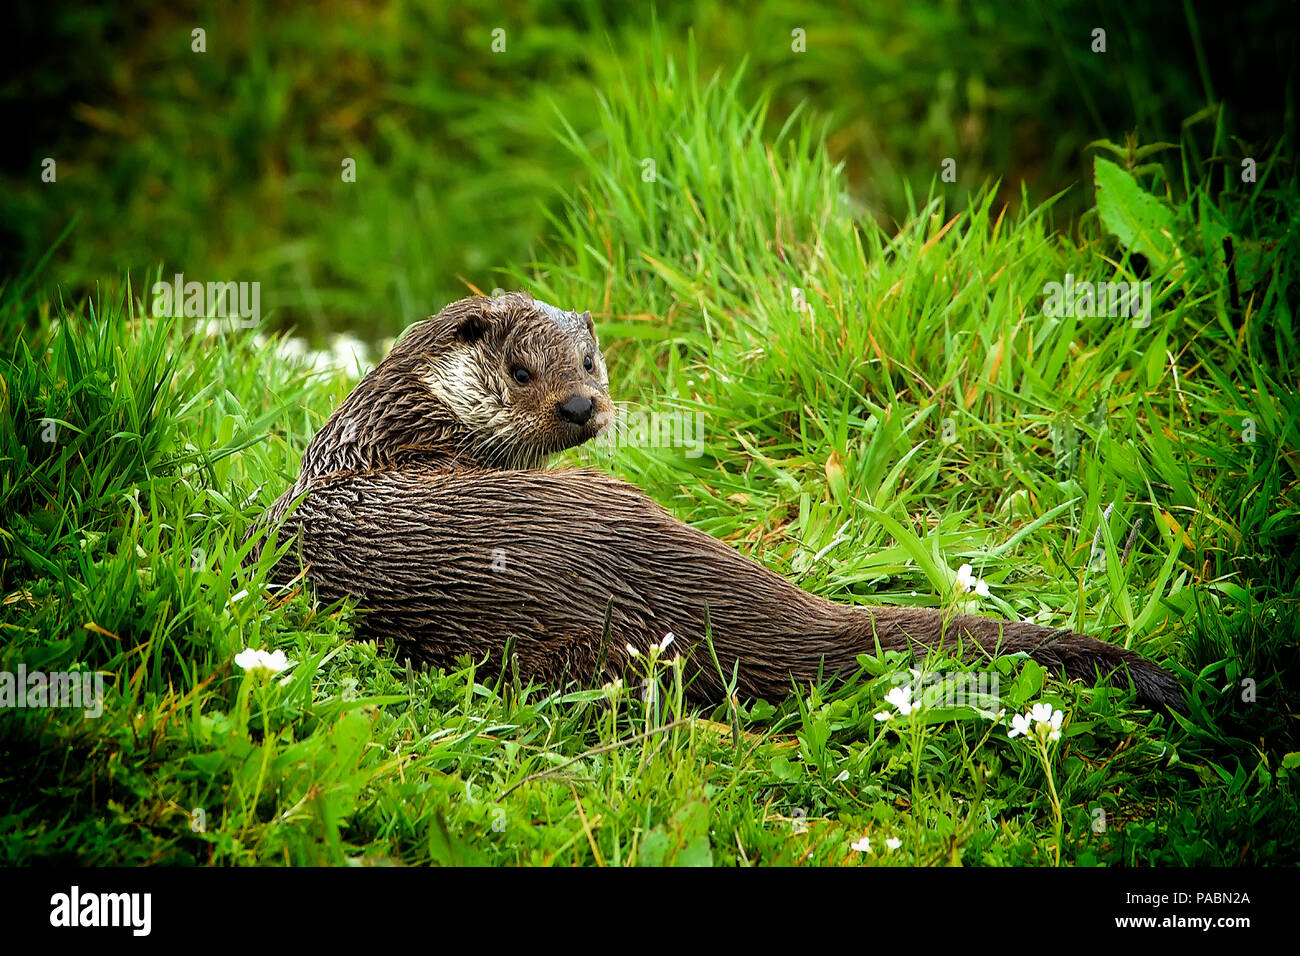 Loutre d'Europe (Lutra lutra) avec fourrure humide reposant sur une rive du fleuve et regard sur l'appareil photo (avec vignettage) Banque D'Images